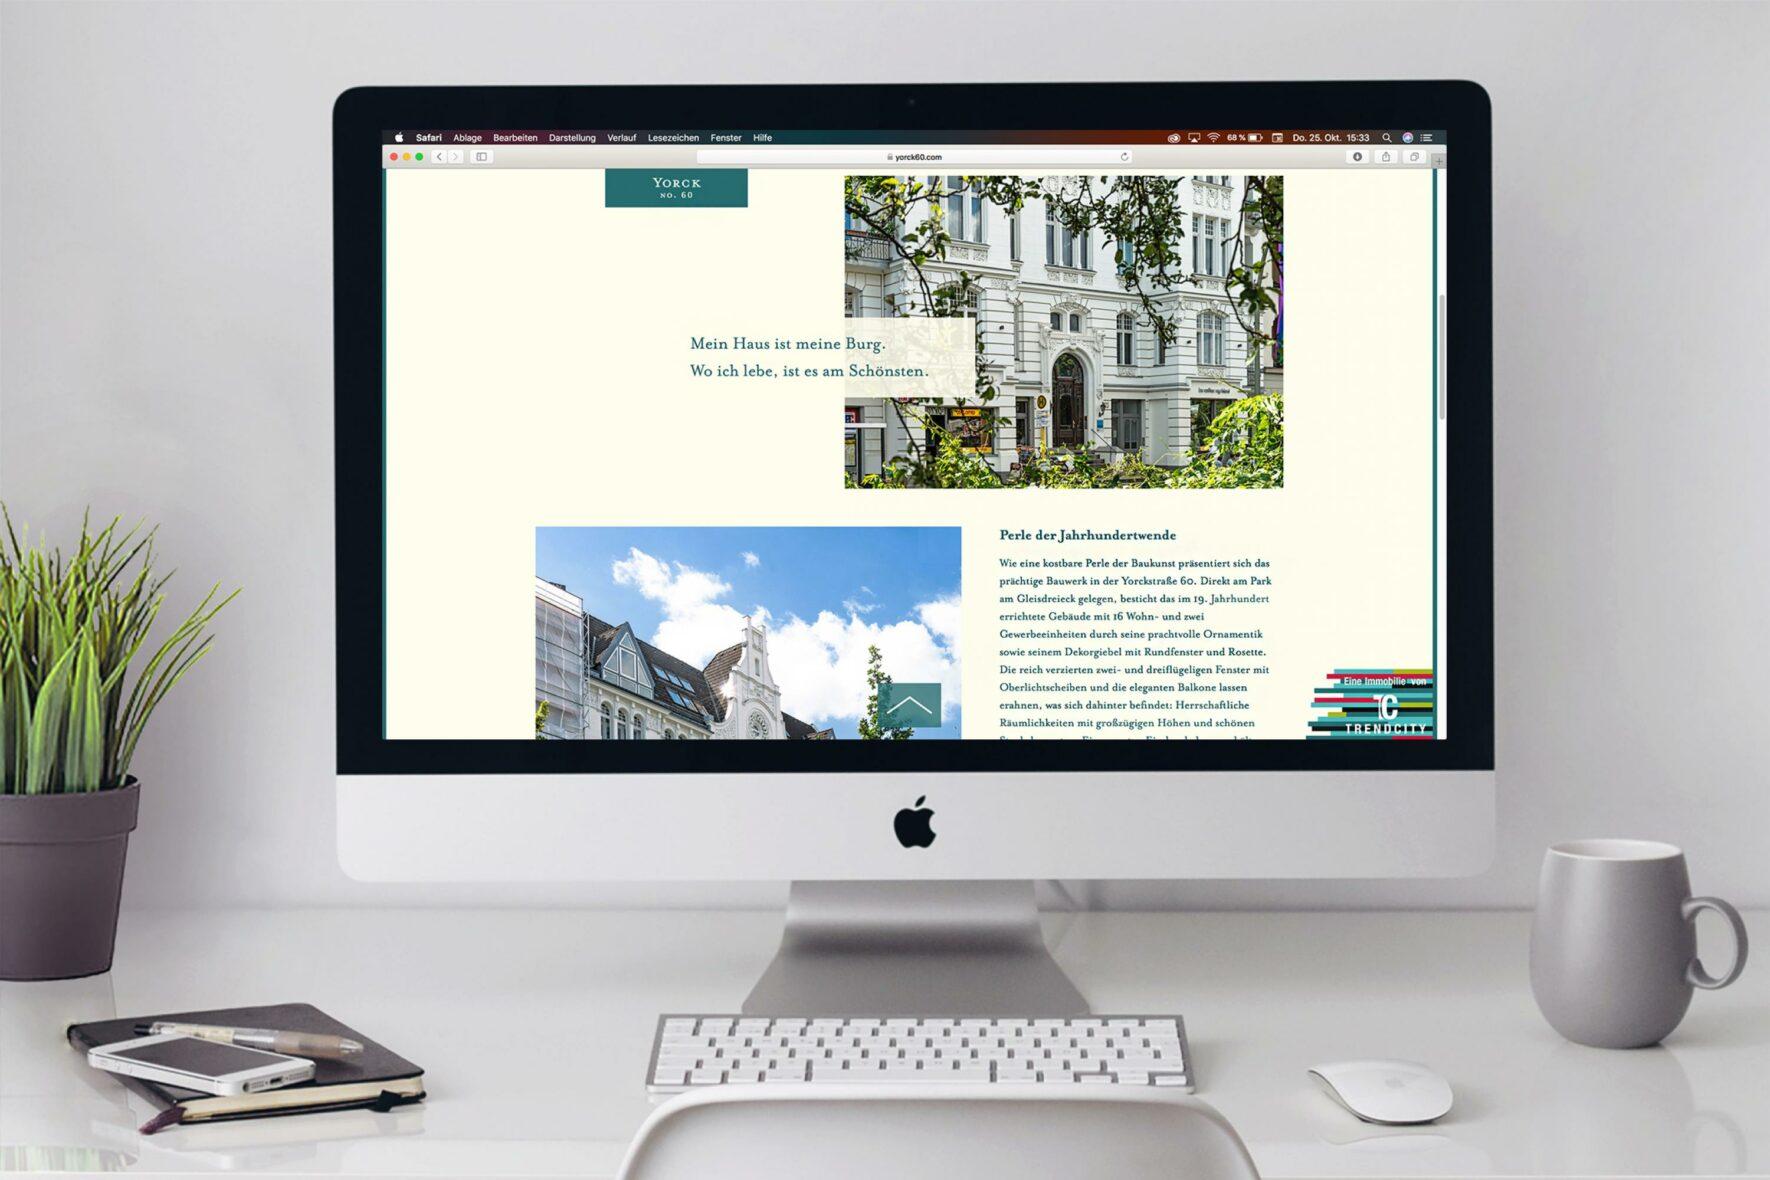 Webiste-Objekte-Branding-Trendcity-Immobilien-Corporate-design-2 Kopie